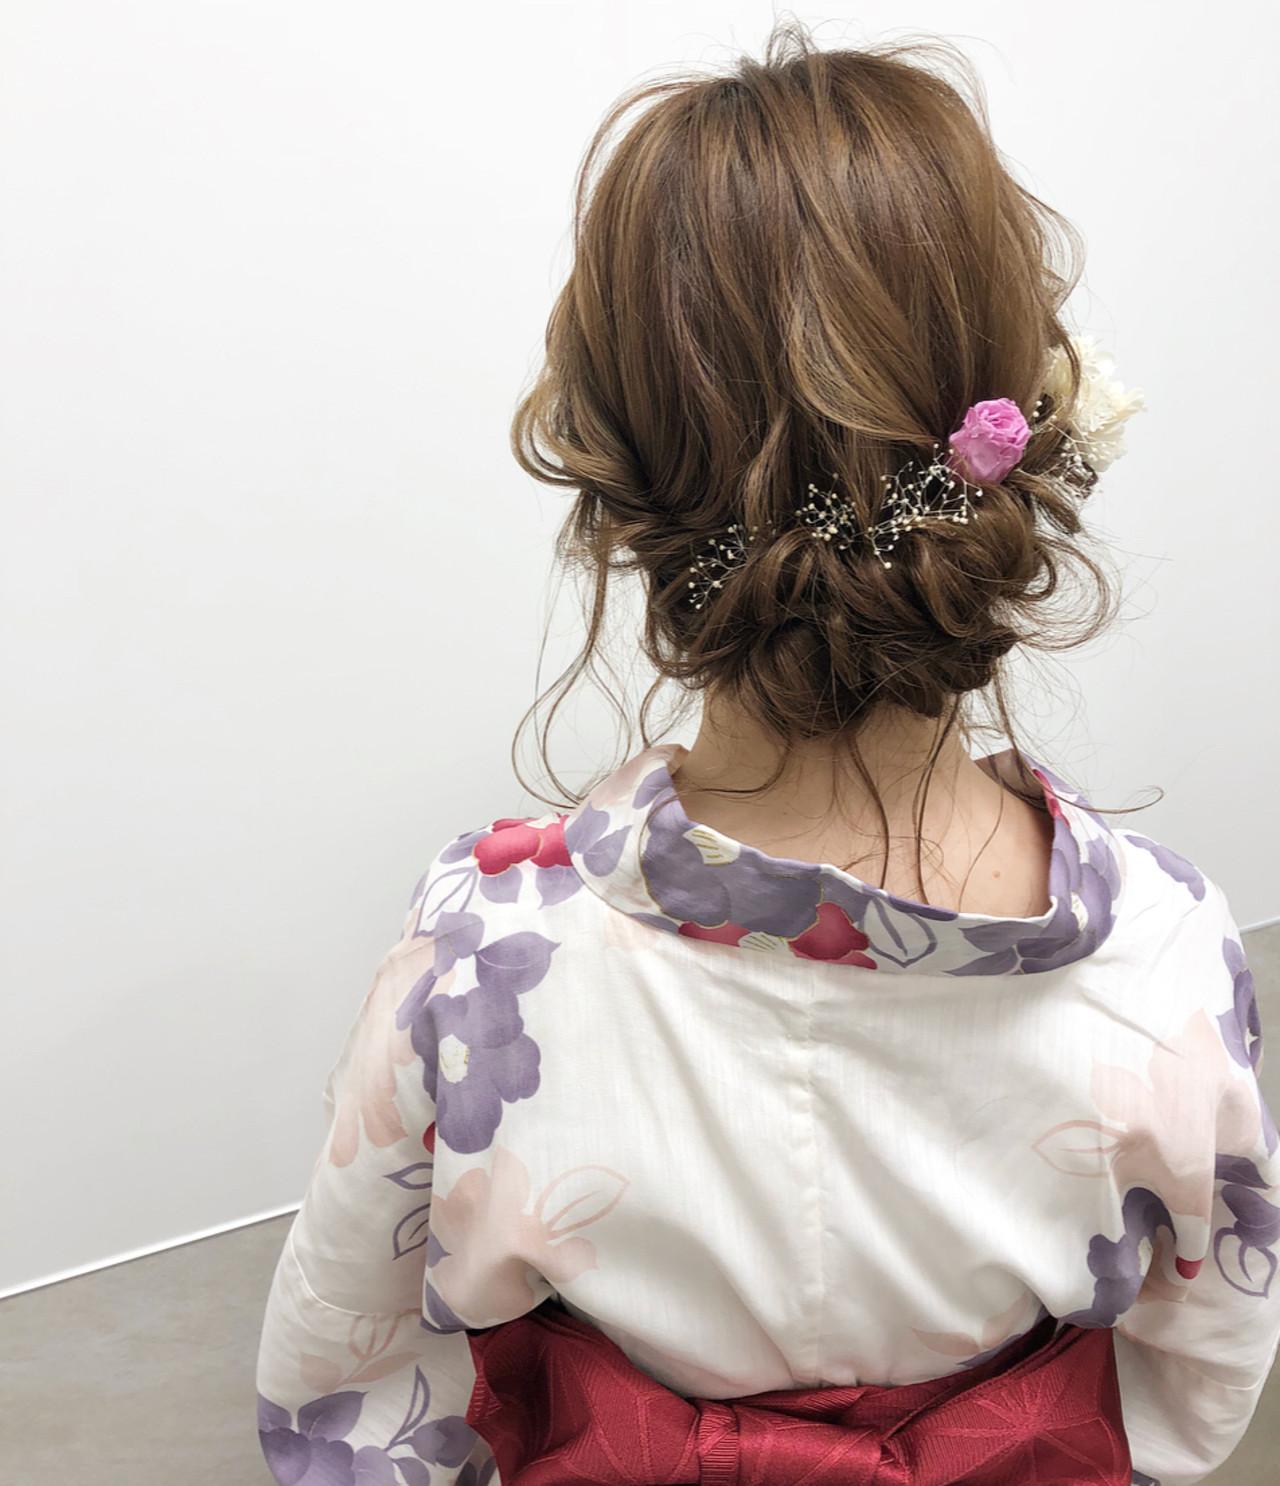 ギブソンタック 浴衣ヘア ミディアム 結婚式 ヘアスタイルや髪型の写真・画像